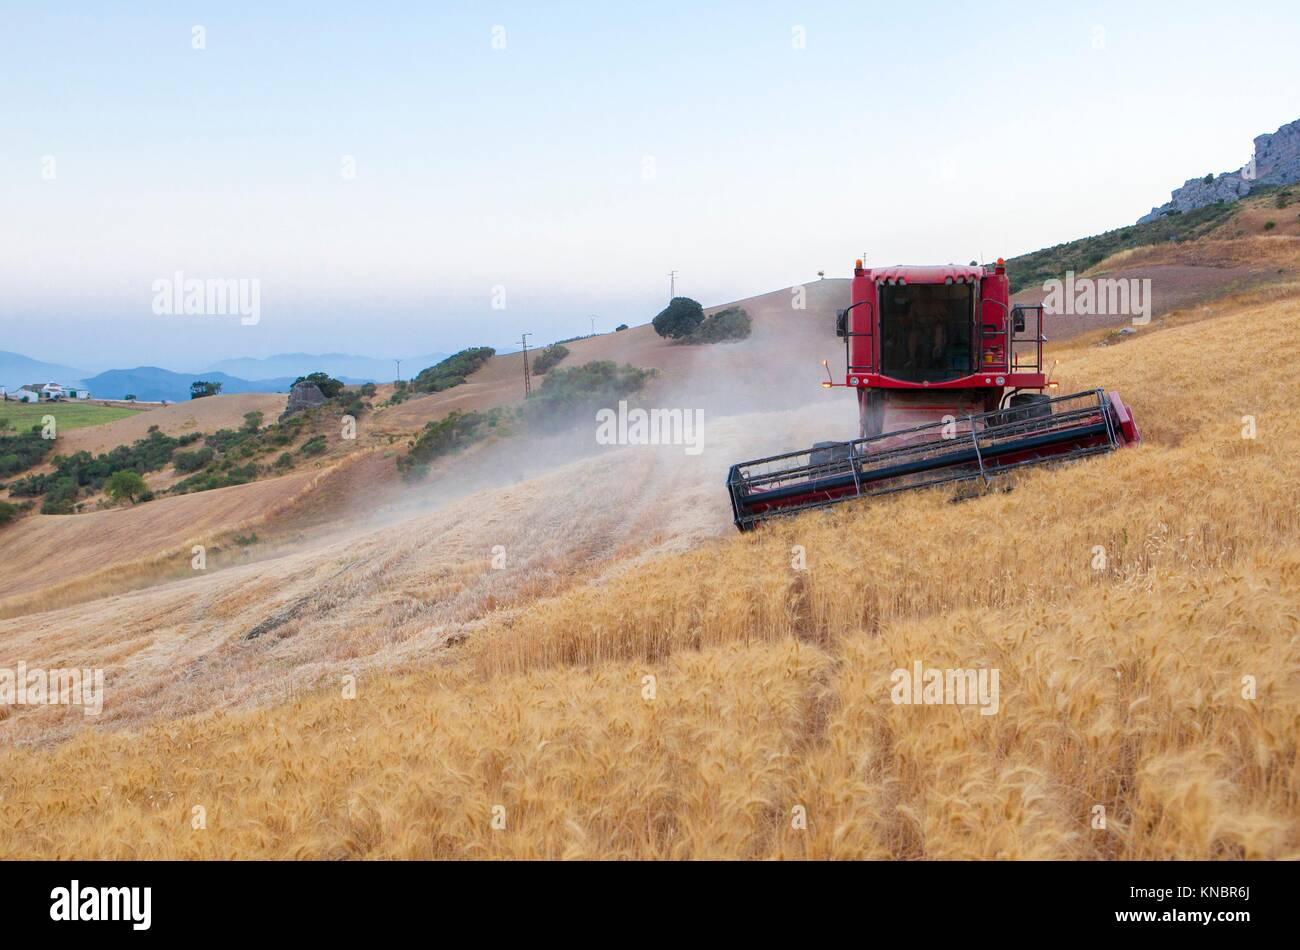 Feldhäcksler Sammeln von Weizen im Berggebiet von Antequera, Spanien. Mähdrescher Maschine Arbeiten an Stockbild